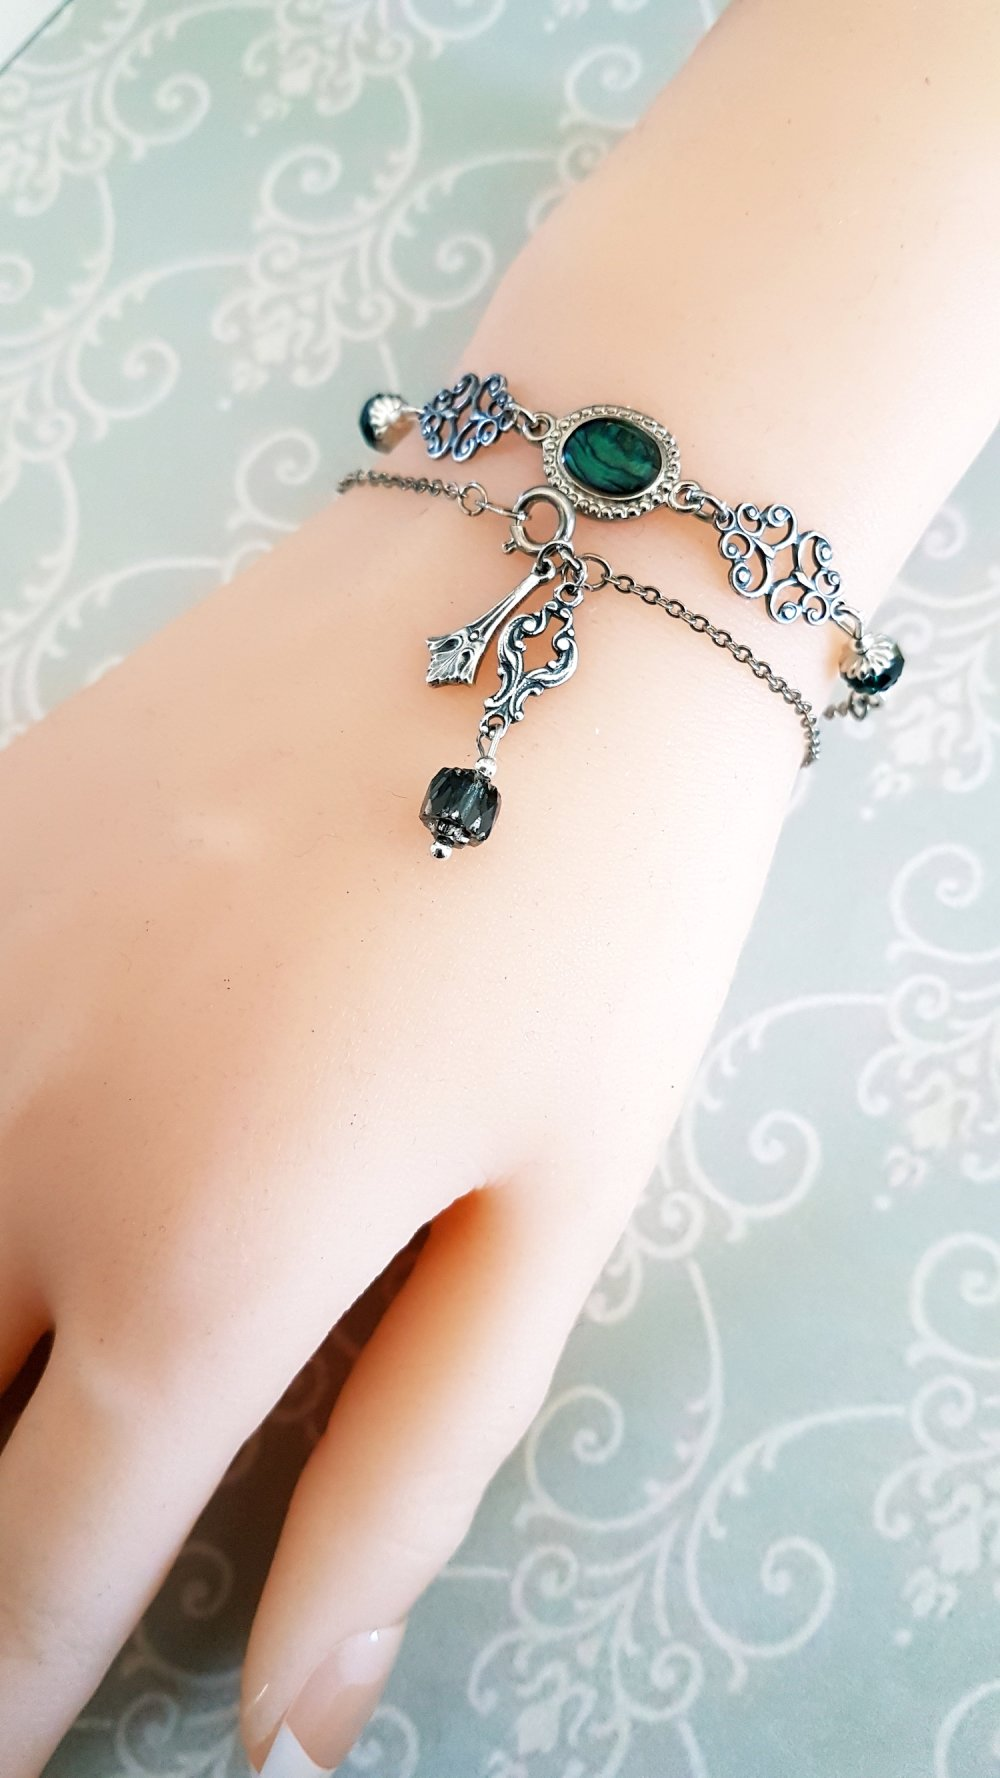 Bracelet non réglable hippie chic Gipsy perle verte romantique bohème bohémienne antique vintage style rétro ancien argent style unique